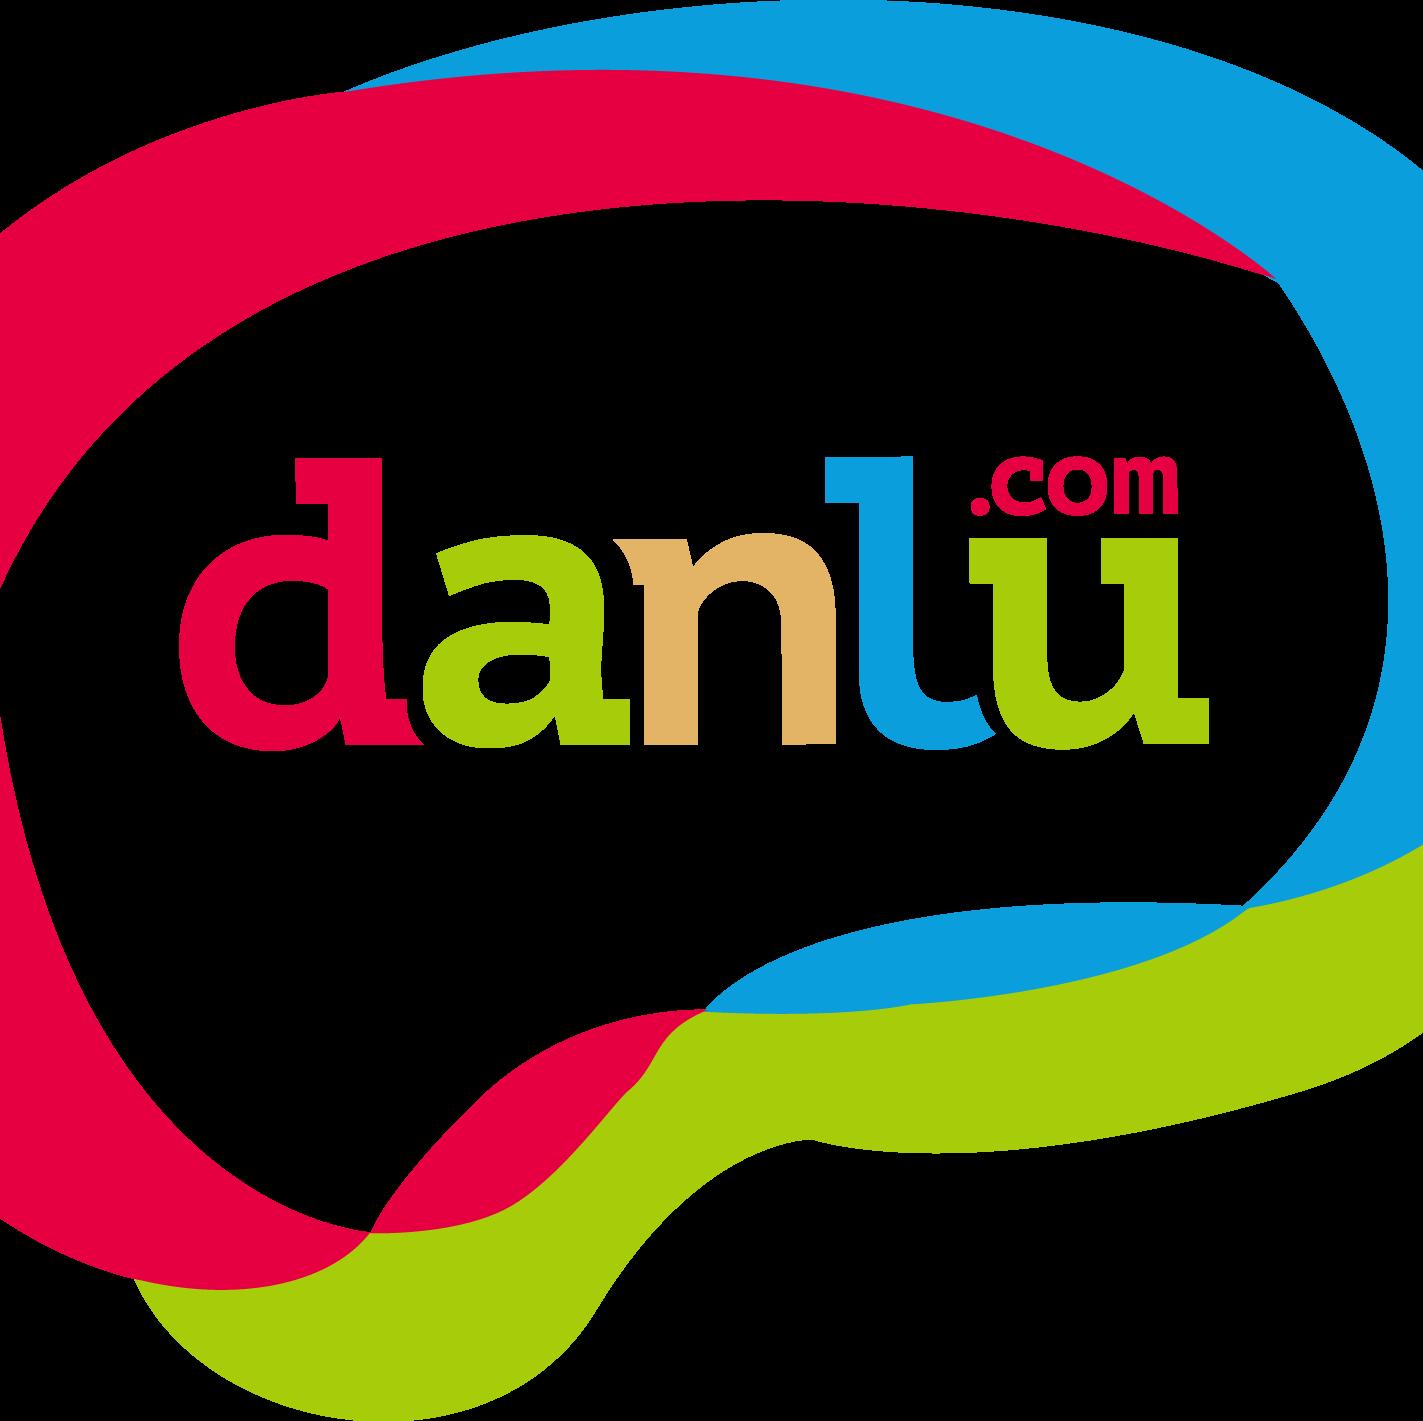 丹露成都网络技术有限公司